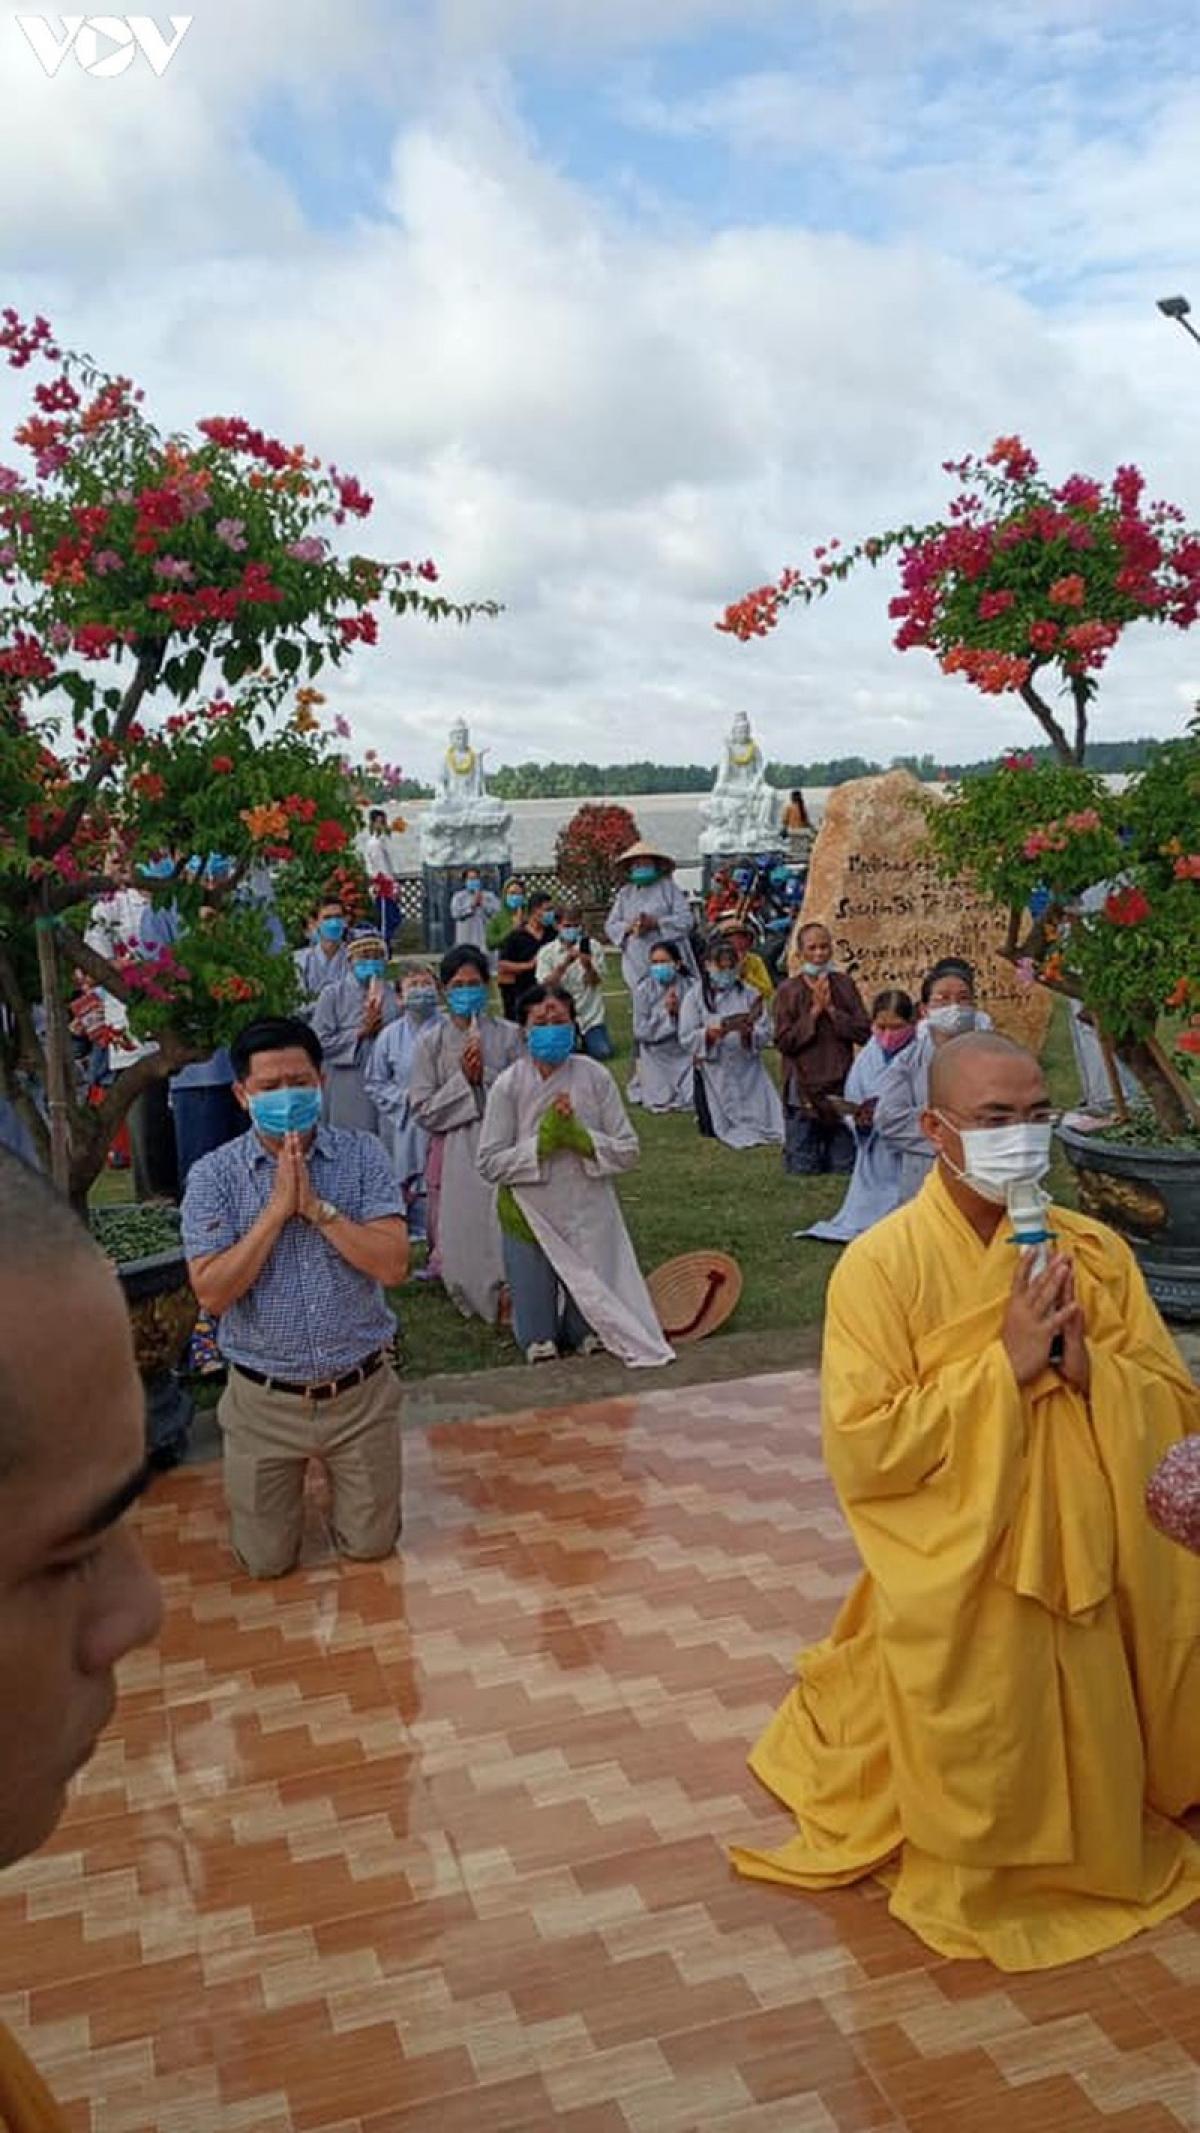 Hiện nay, các chùa, tự viện trên địa bàn tỉnh Tiền Giang đều chấp hành tốt các quy định về phòng chống dịch Covid-19.